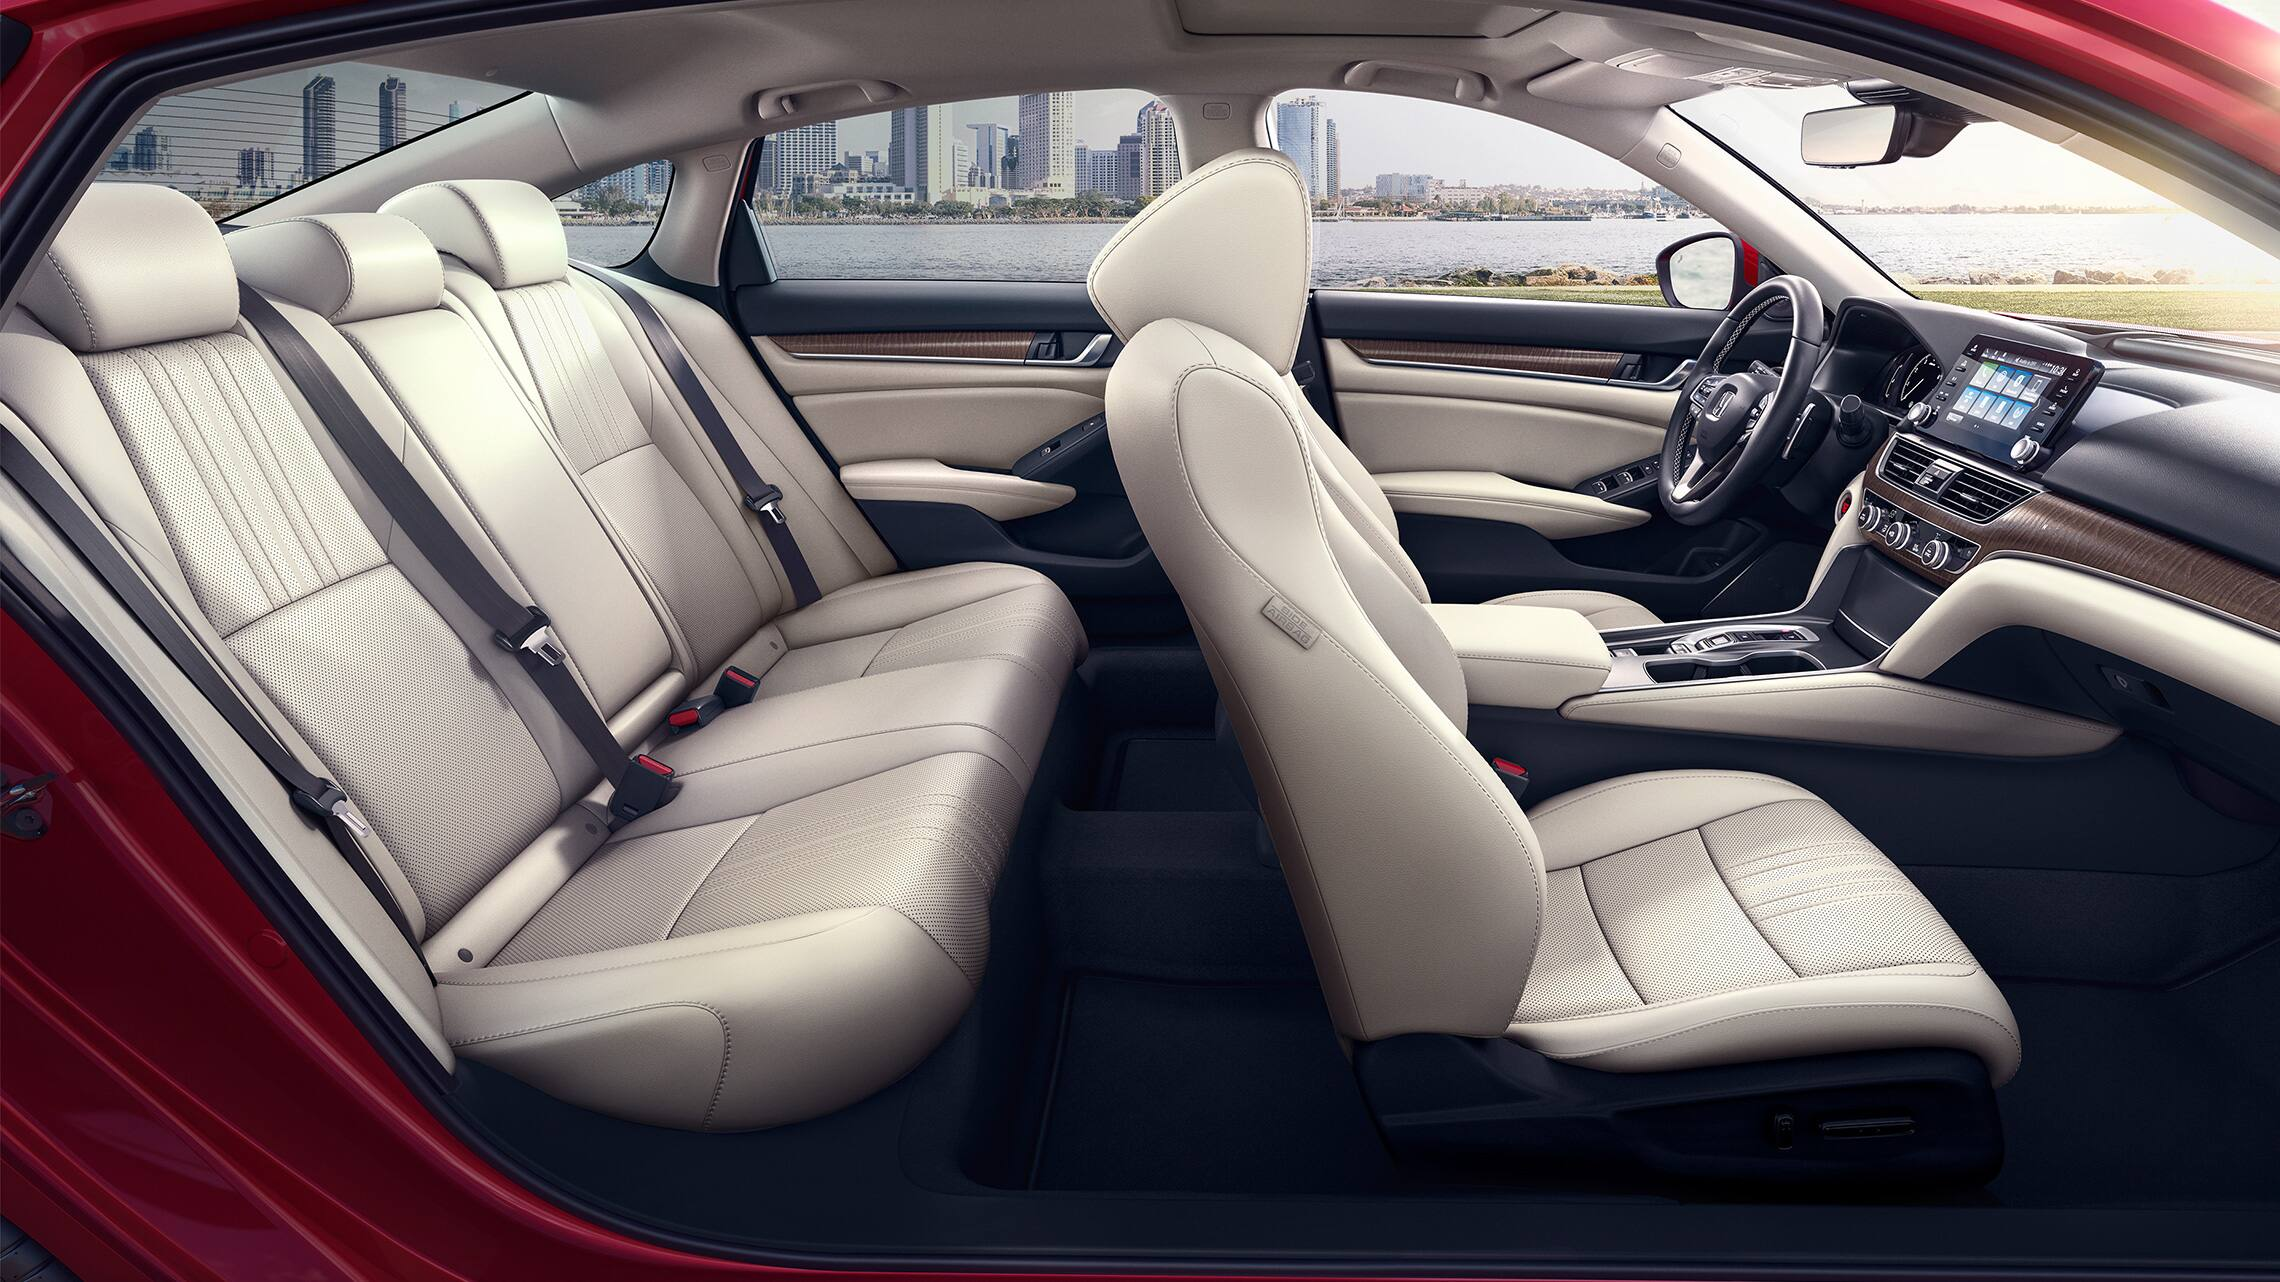 Vista desde el lado del pasajero de los asientos del interior del HondaAccordTouring2.0T2020 en Radiant Red Metallic con Ivory Leather.